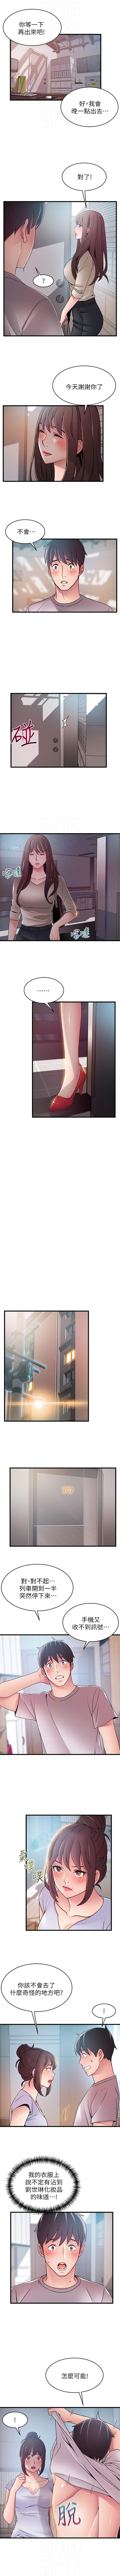 (週7)弱點 1-76 中文翻譯(更新中) 291